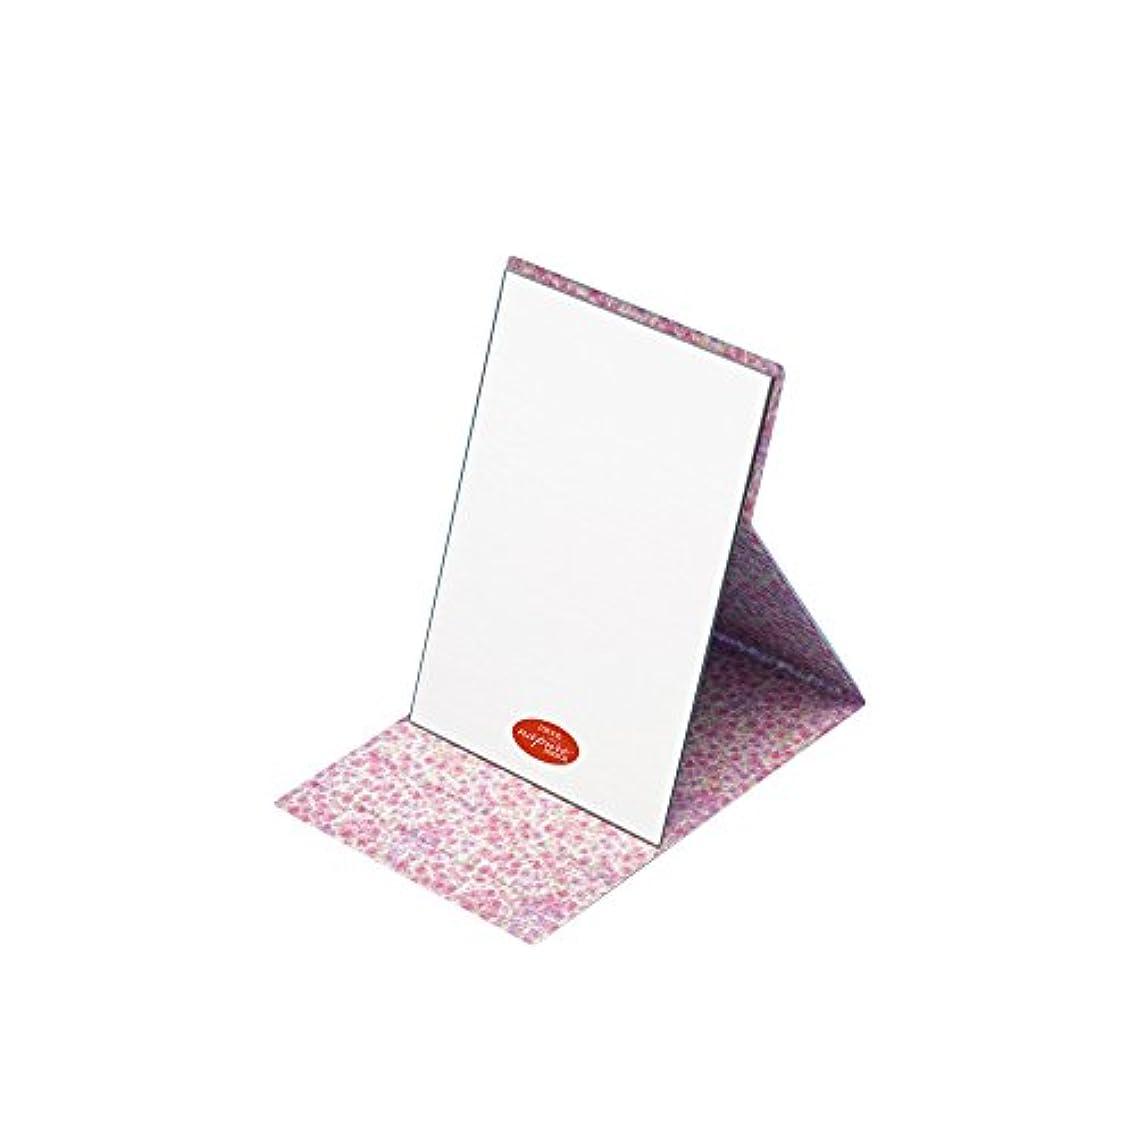 インシュレータ食料品店磁気プロモデル折立ナピュアミラーフラワー